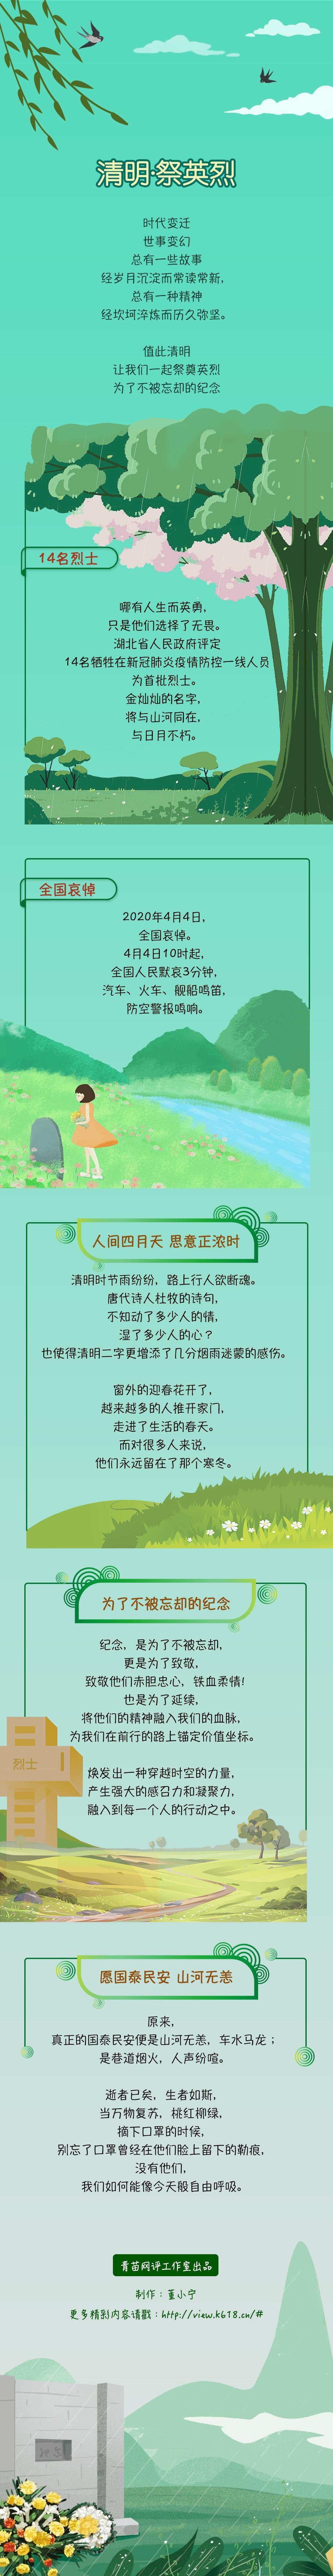 恒行:愿国泰民安山河无恒行恙图片